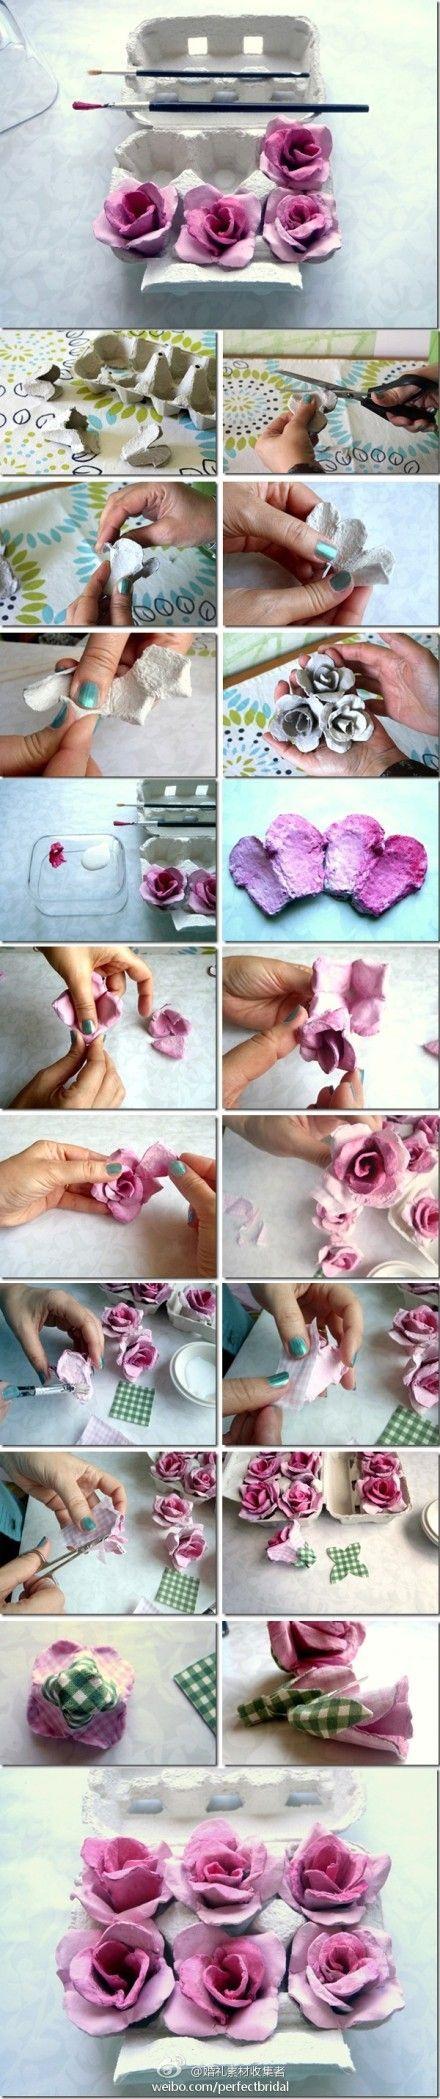 Fazer flores com caixas de ovos                              …